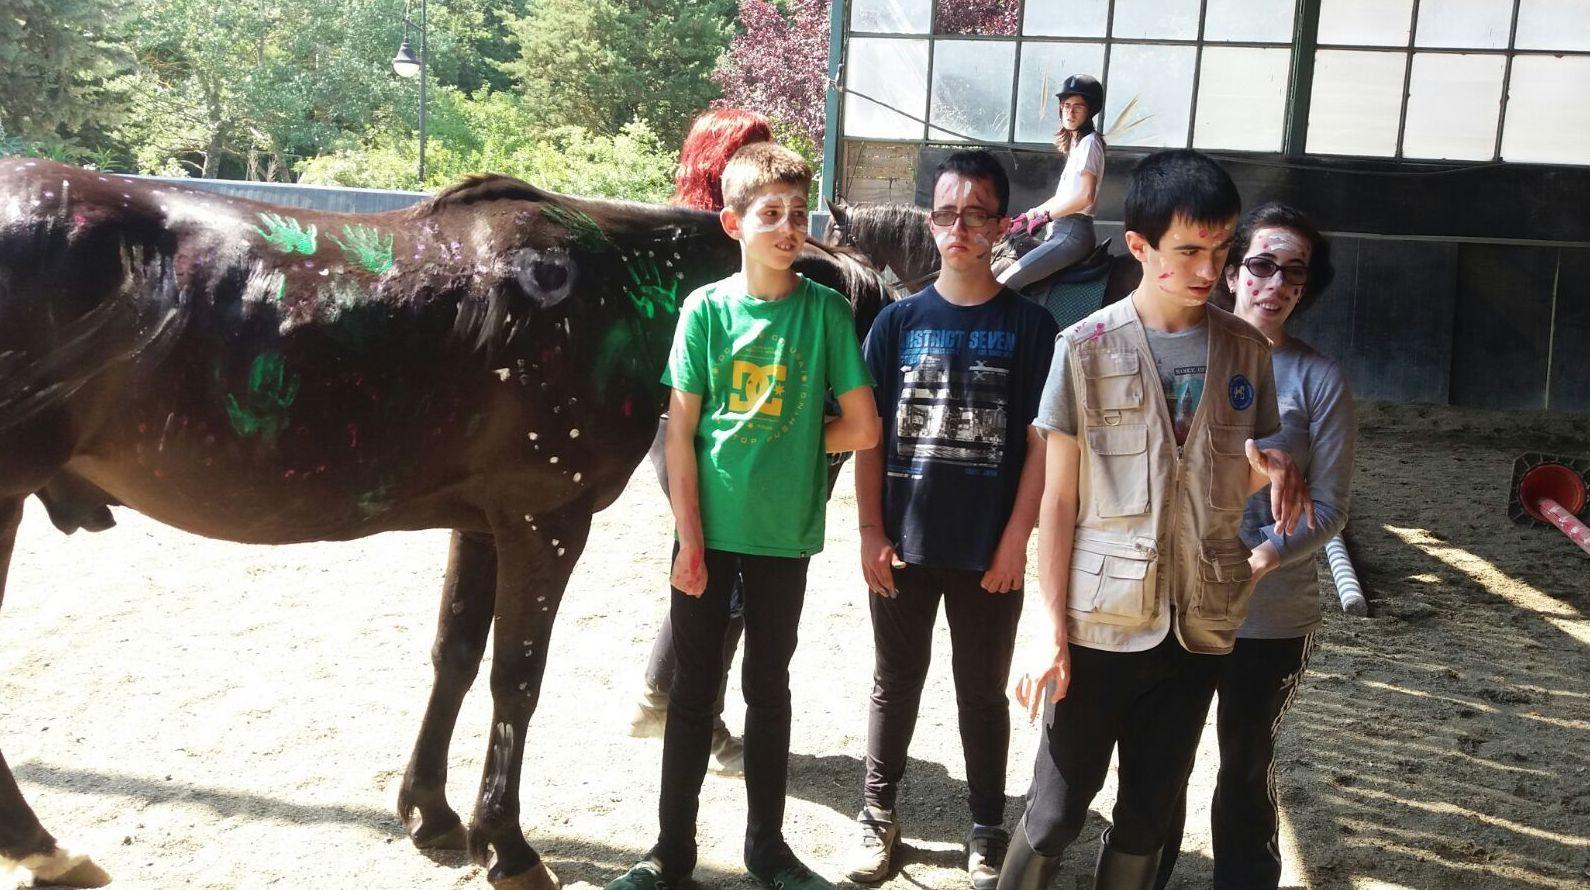 Foto 10 de Centro de equitación y equinoterapia en Labiano | Centro de Equitación y Equinoterapia Biki Blasco